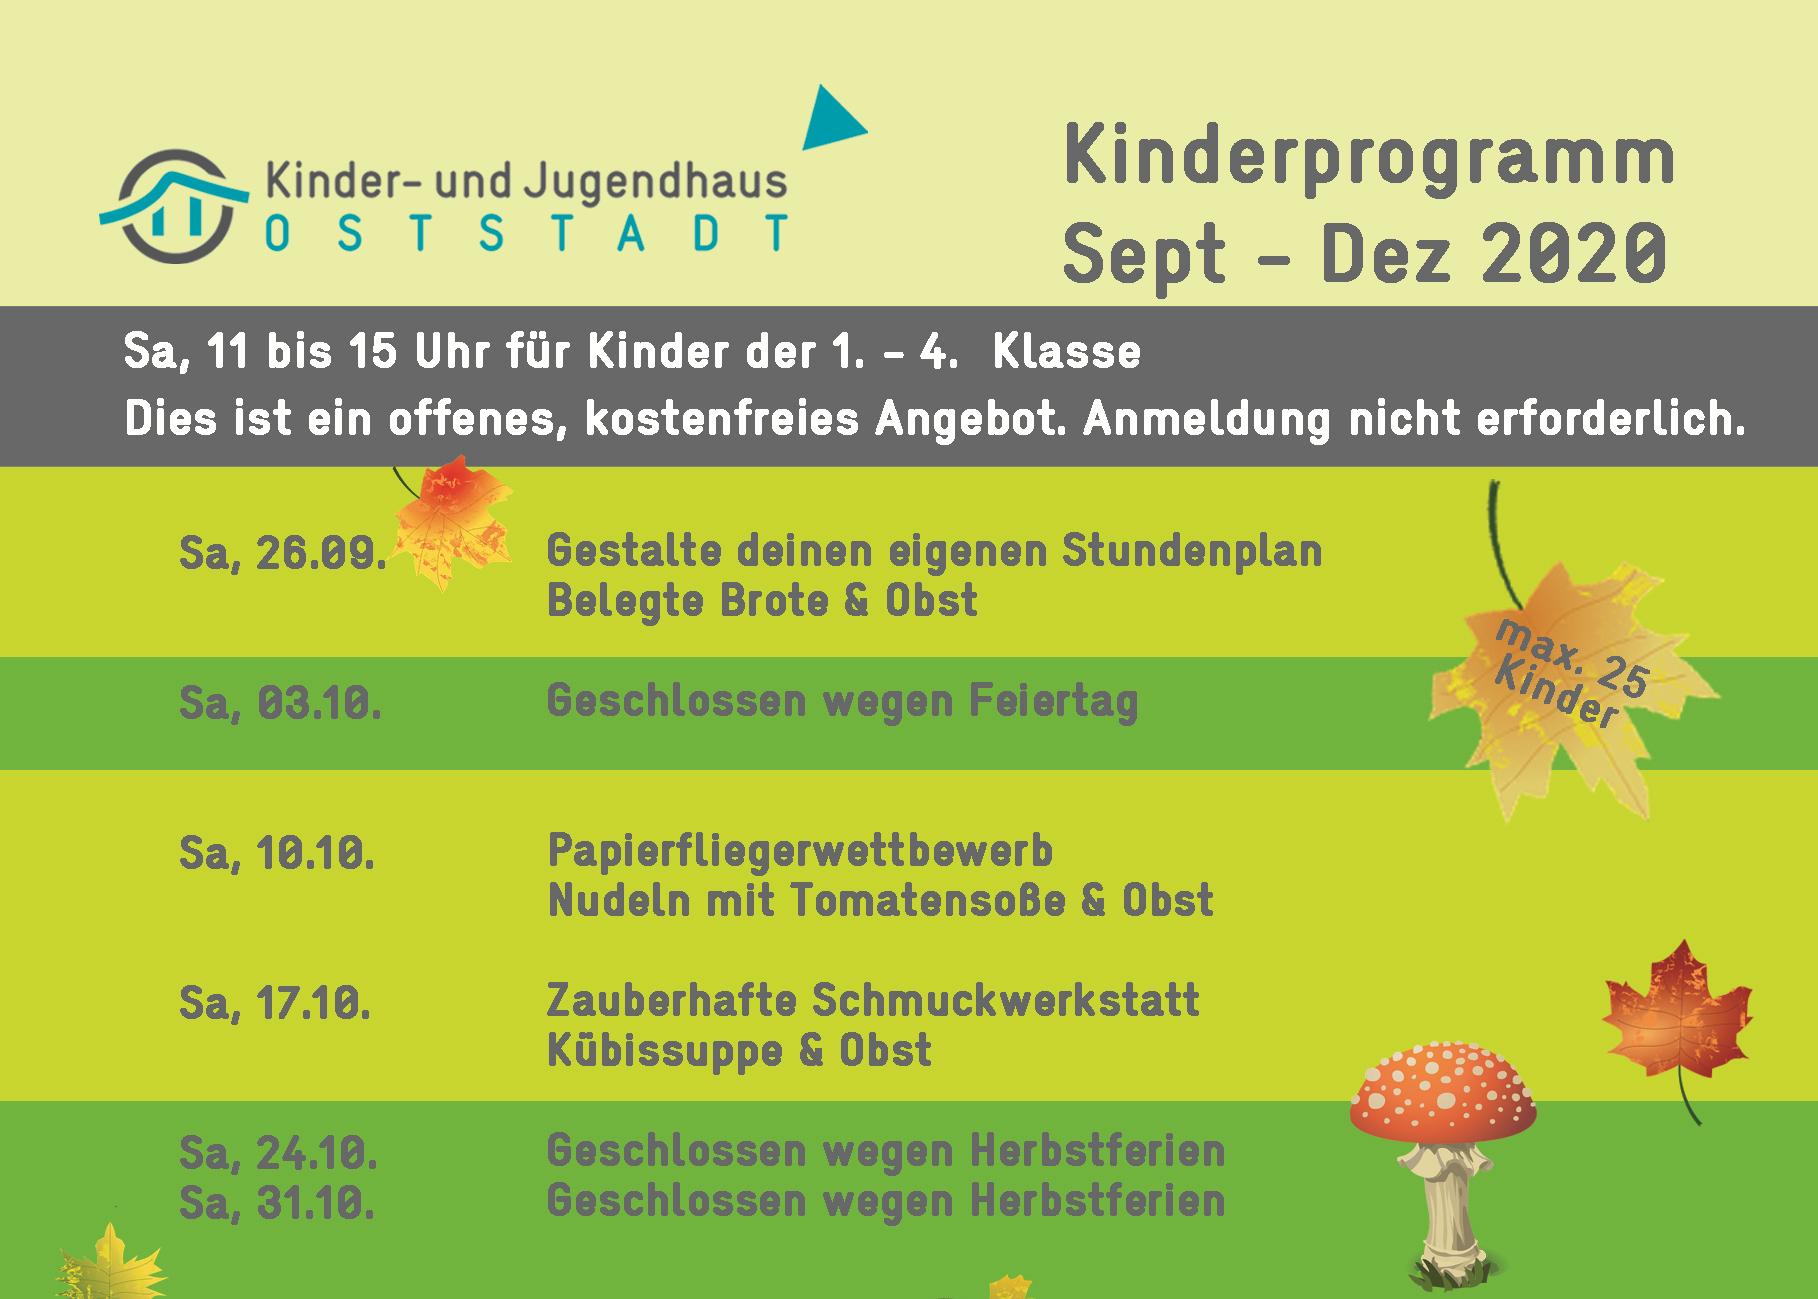 Kinderprogramm Sept-Dez 2020 Ost innen Kopie